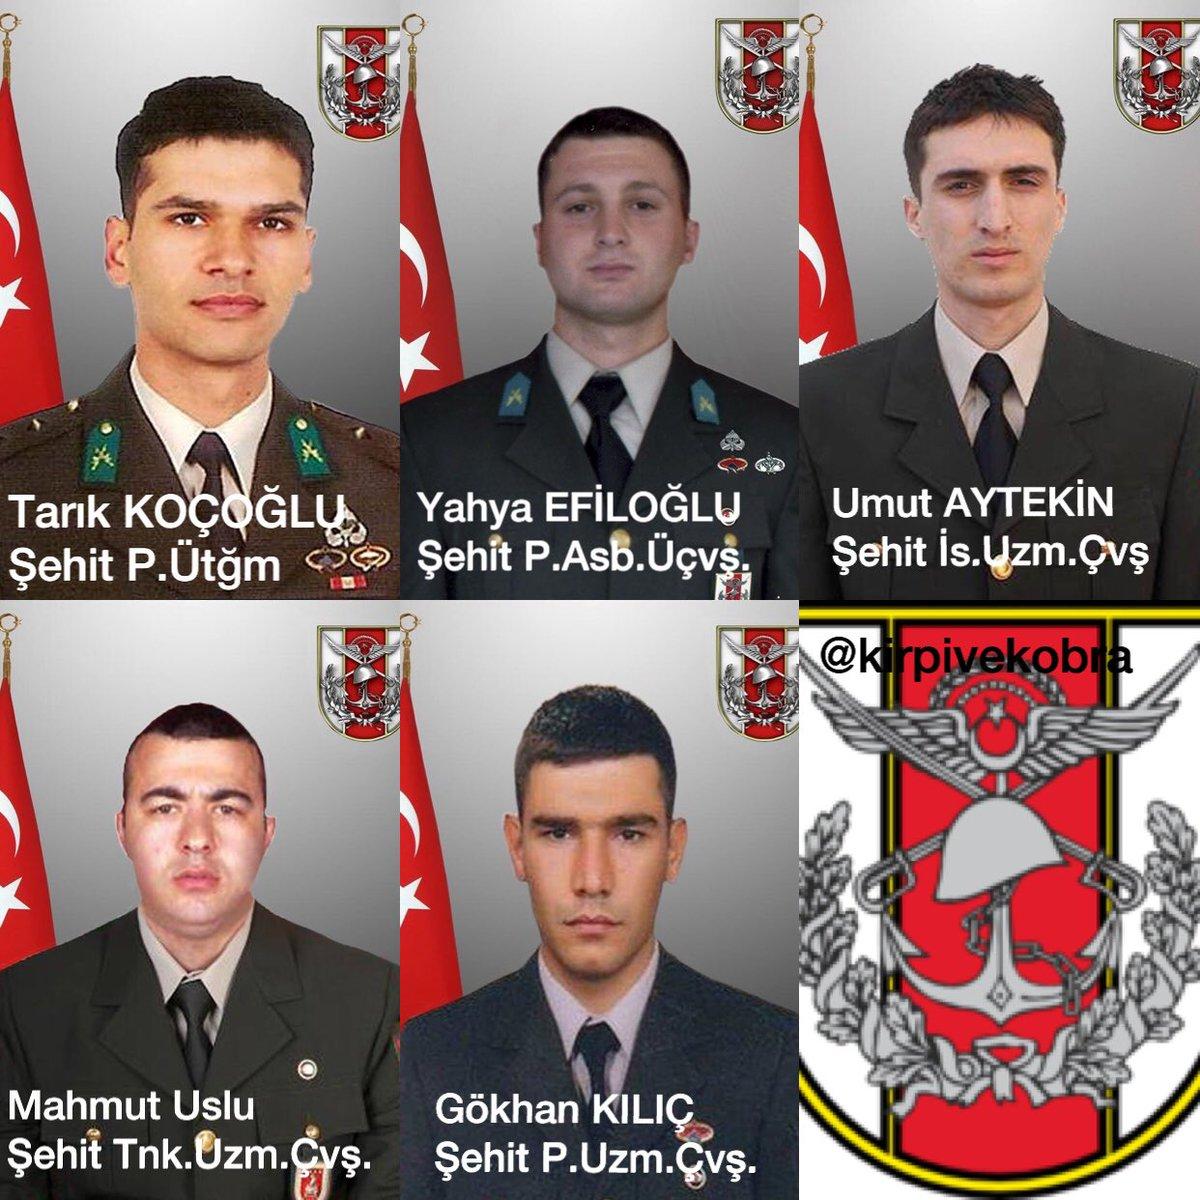 ΕΚΤΑΚΤΟ: Συροτουρκικός πόλεμος σε εξέλιξη – Και νέος βομβαρδισμός εναντίον τουρκικού στρατώνα – Η Ρωσία απέστειλε 50 πυραύλους «Tochka-U» και Iskander στη Συρία (βίντεο, εικόνες) - Εικόνα12